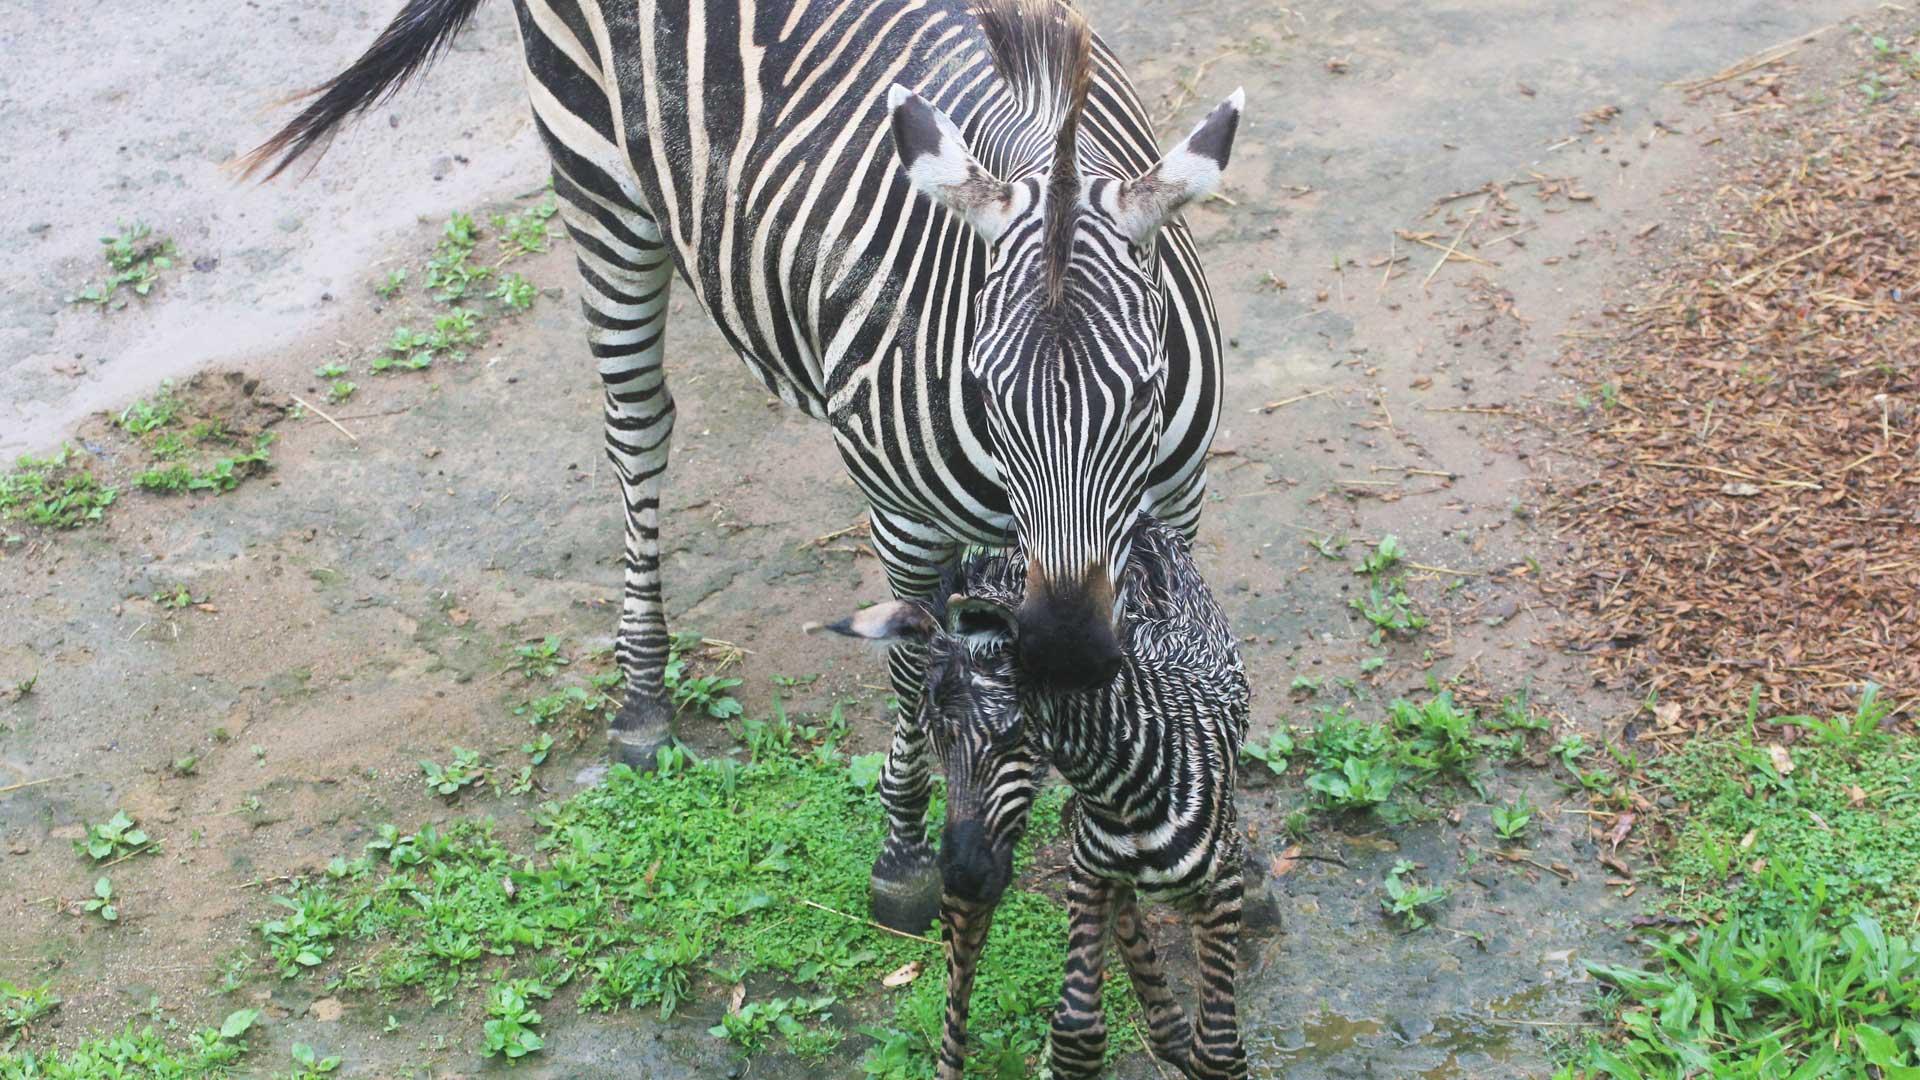 https://rfacdn.nz/zoo/assets/media/zebra-calf-gallery-2.jpg